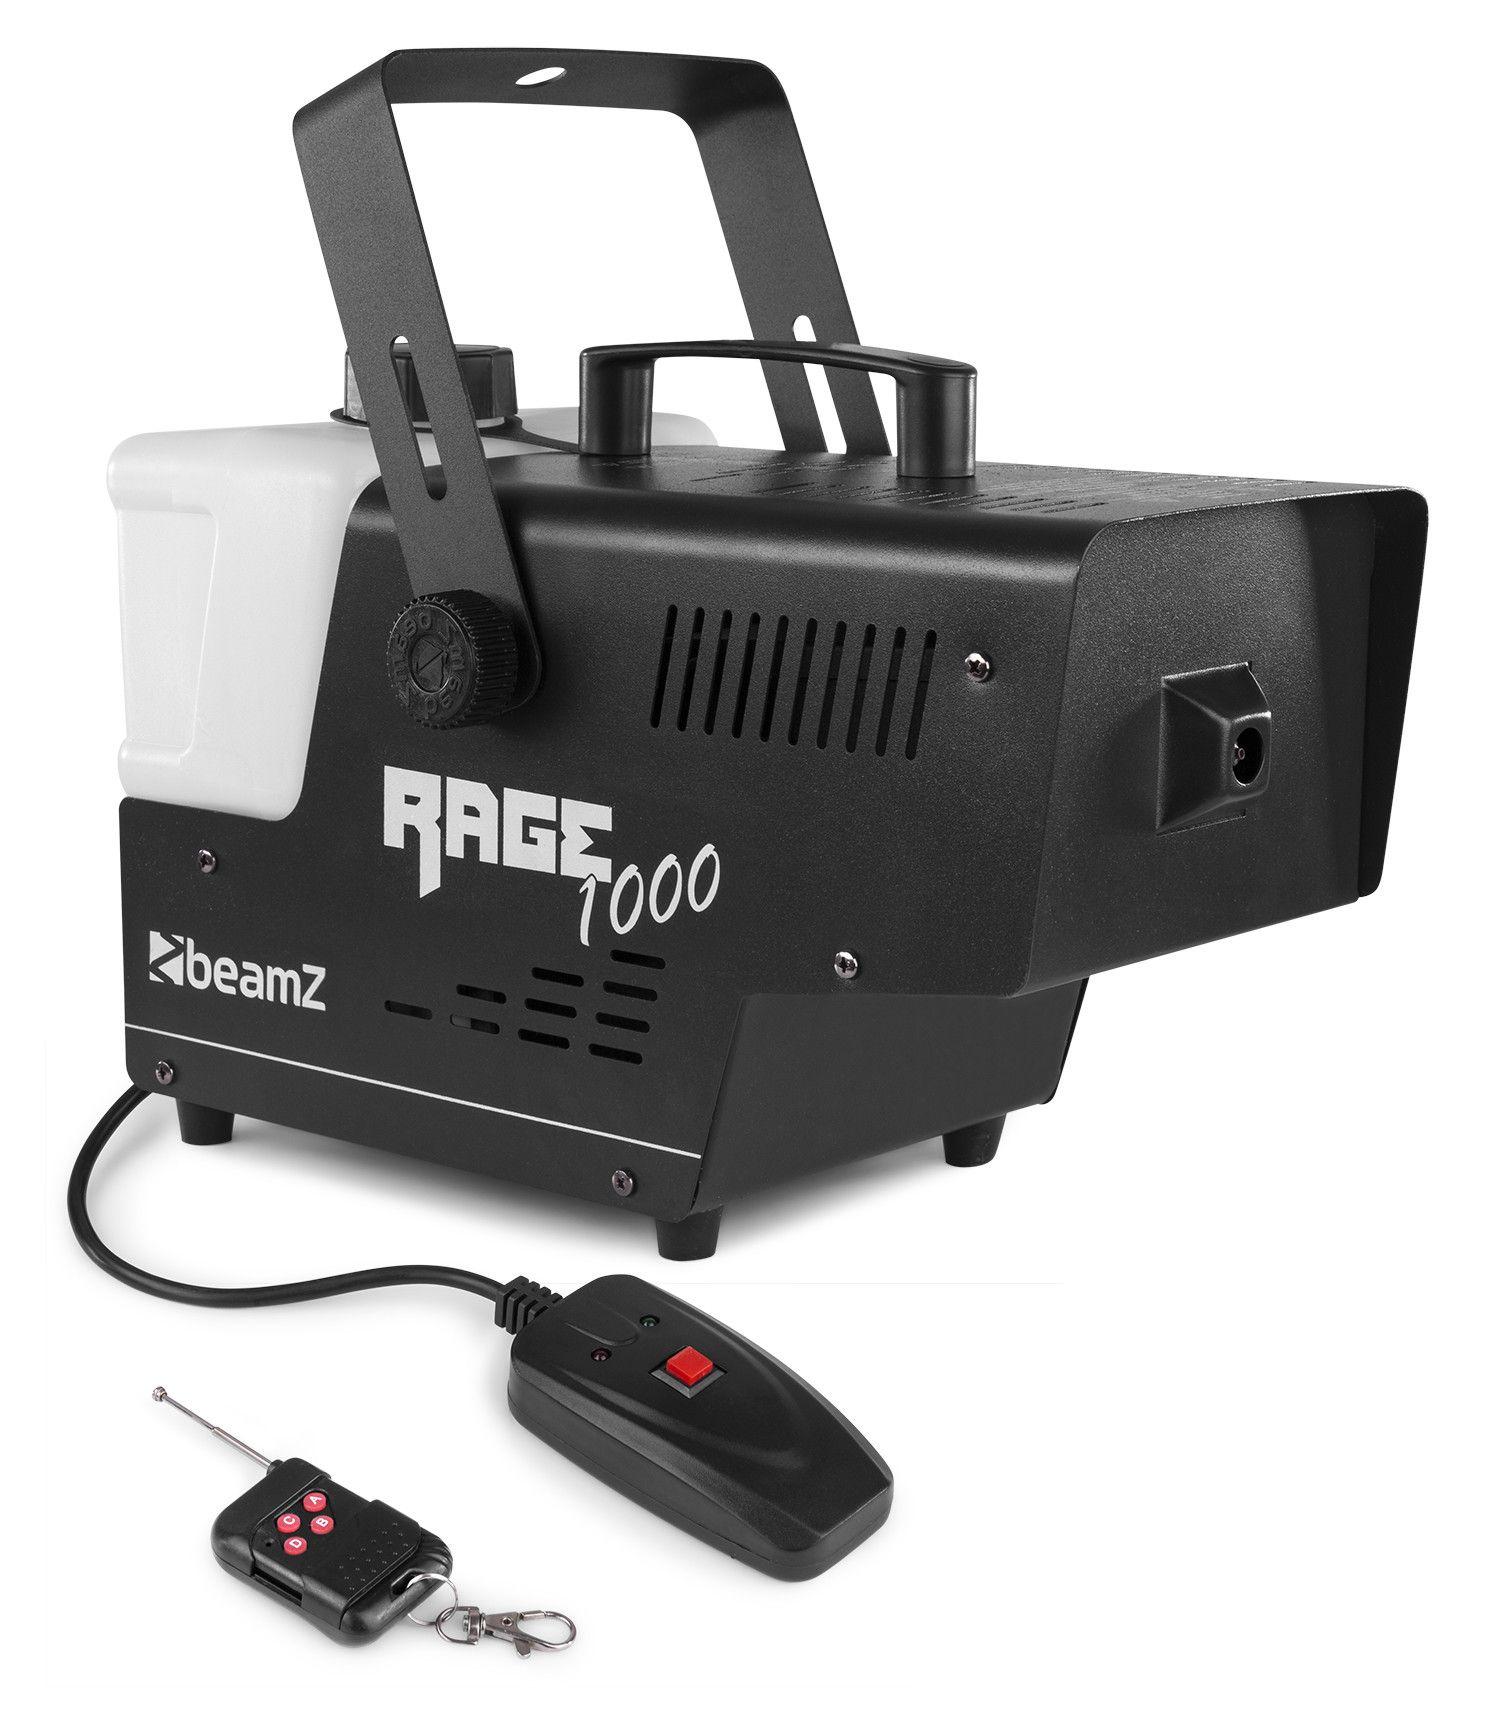 BeamZ RAGE1000 rookmachine met draadloze afstandsbediening